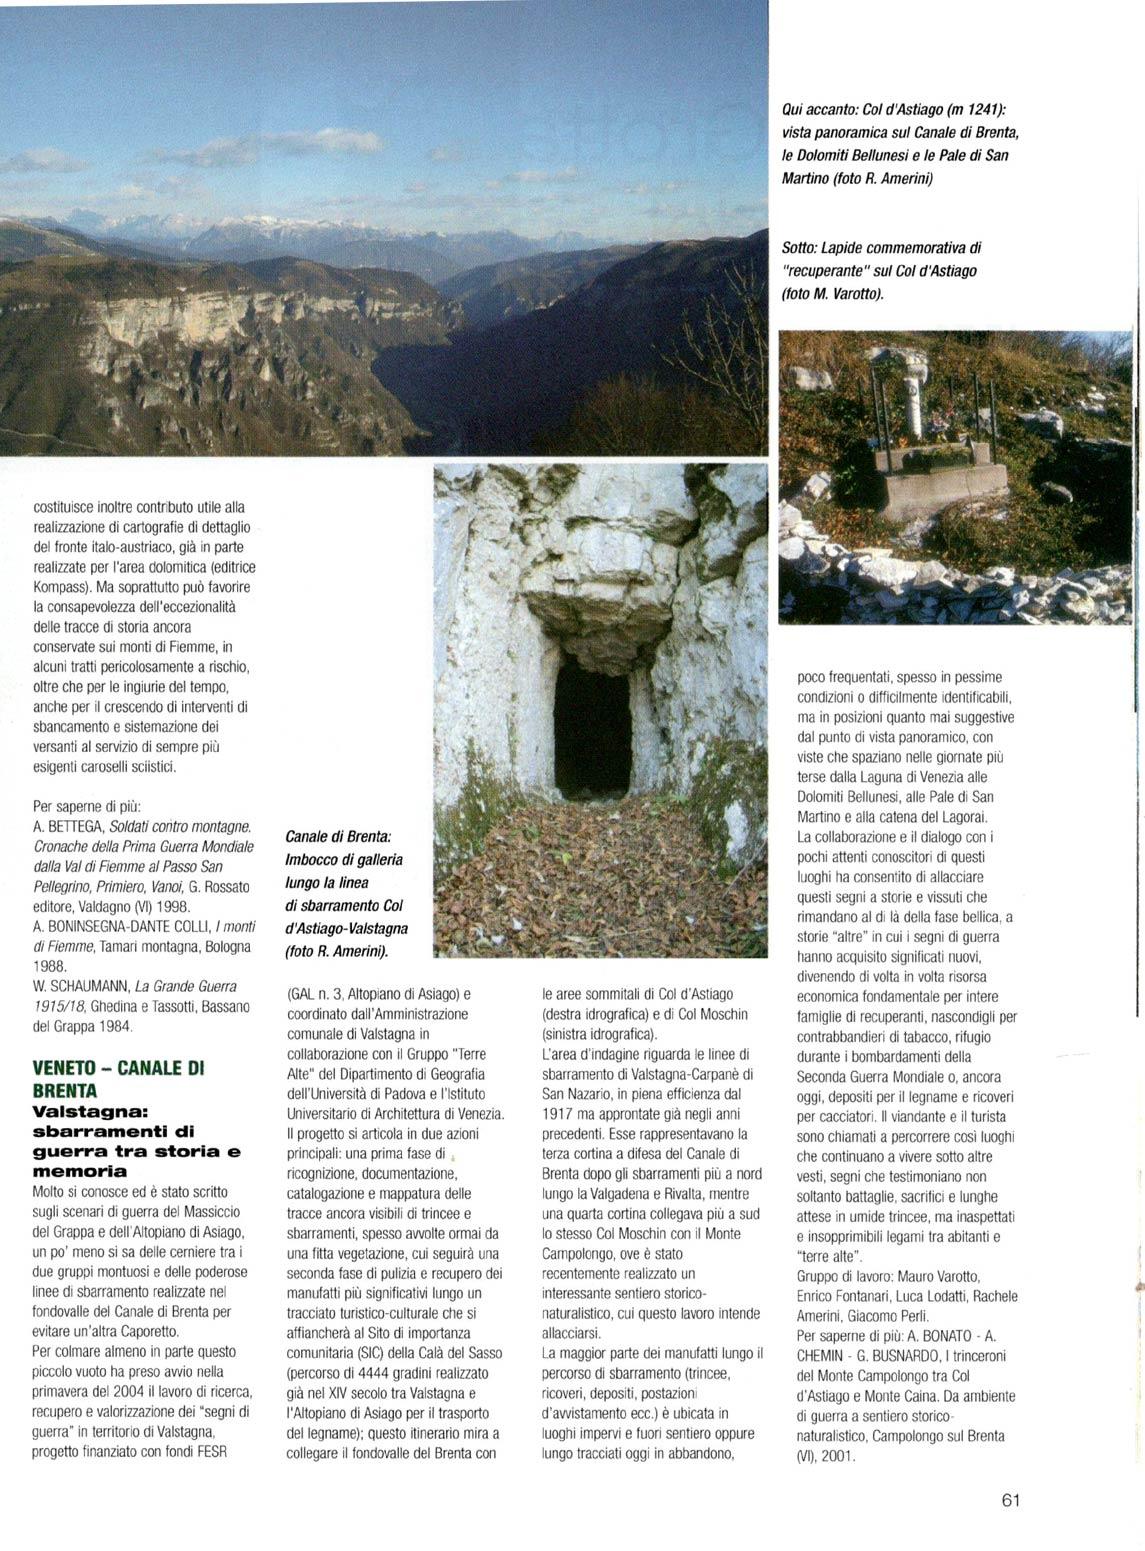 Articolo sul Parco della Memoria di Pian dei Buoi a firma di Ugo Mattana apparso sul numero luglio-agosto 2005 della RIvista del CAI (p. 4#4)